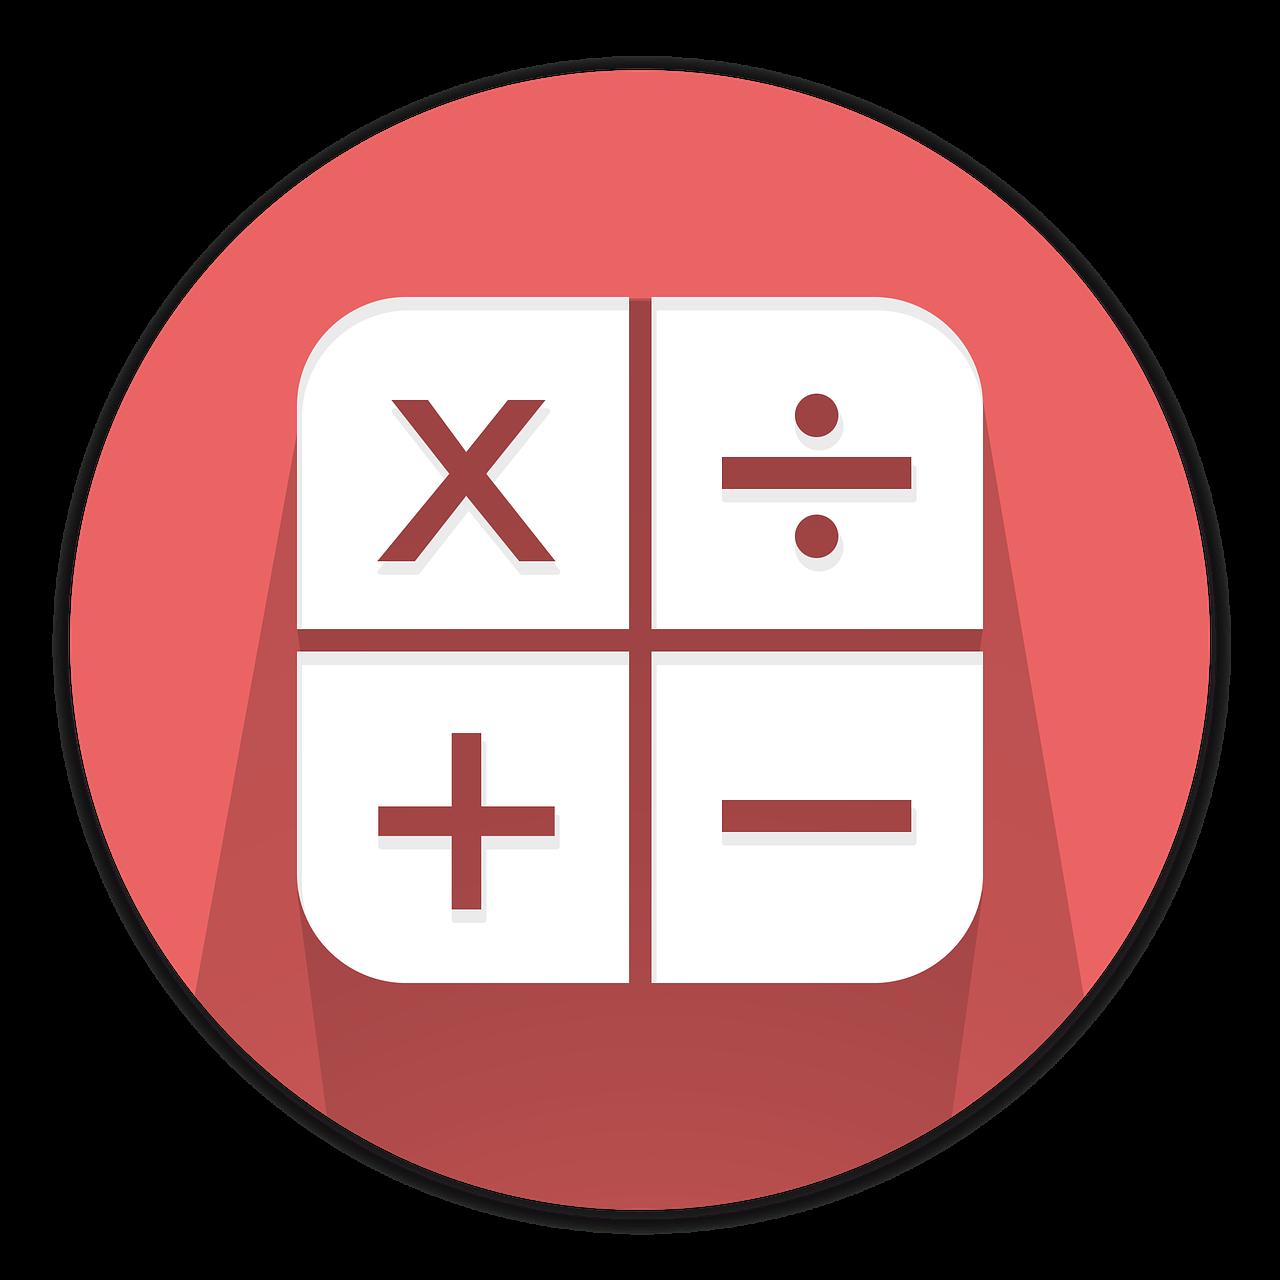 News clipart third grade. Multiplication fluency part mathnasium